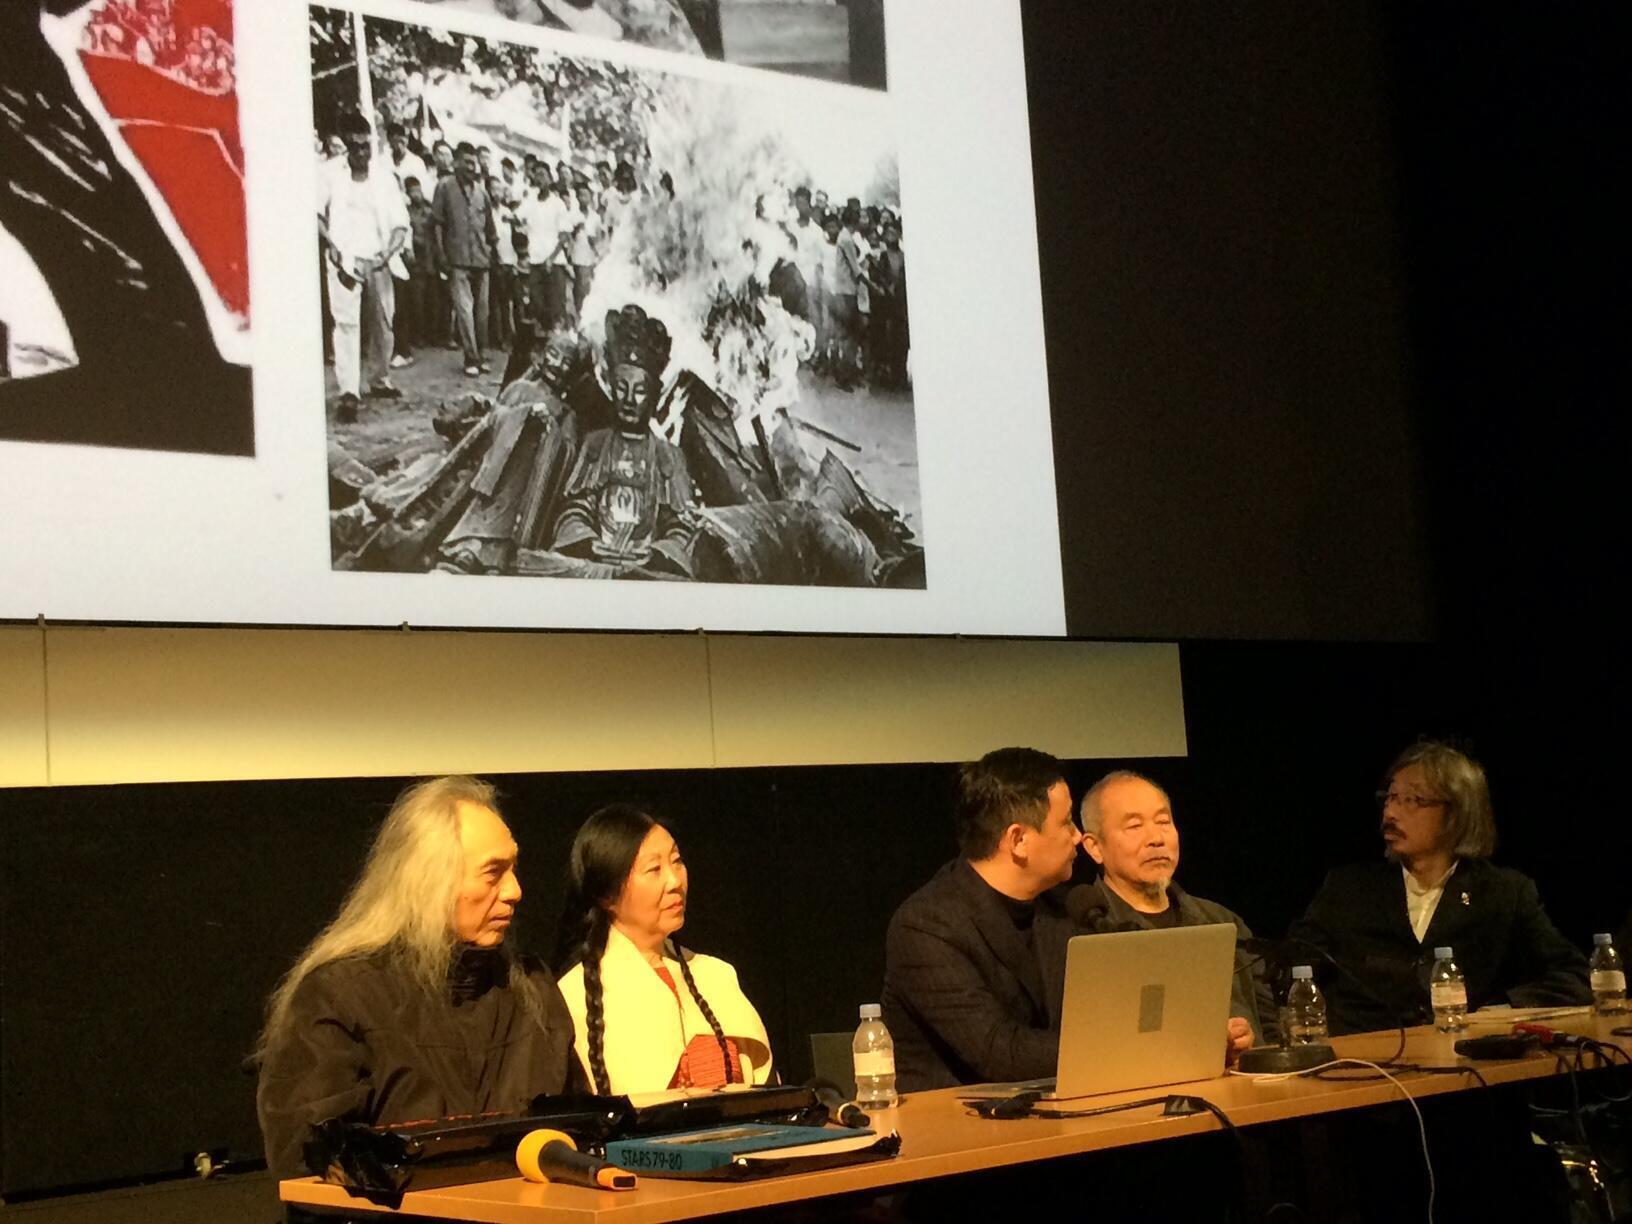 从左至右:马德升,李爽,皮力,王克平,黄锐,2020年1月17日,巴黎蓬皮杜中心